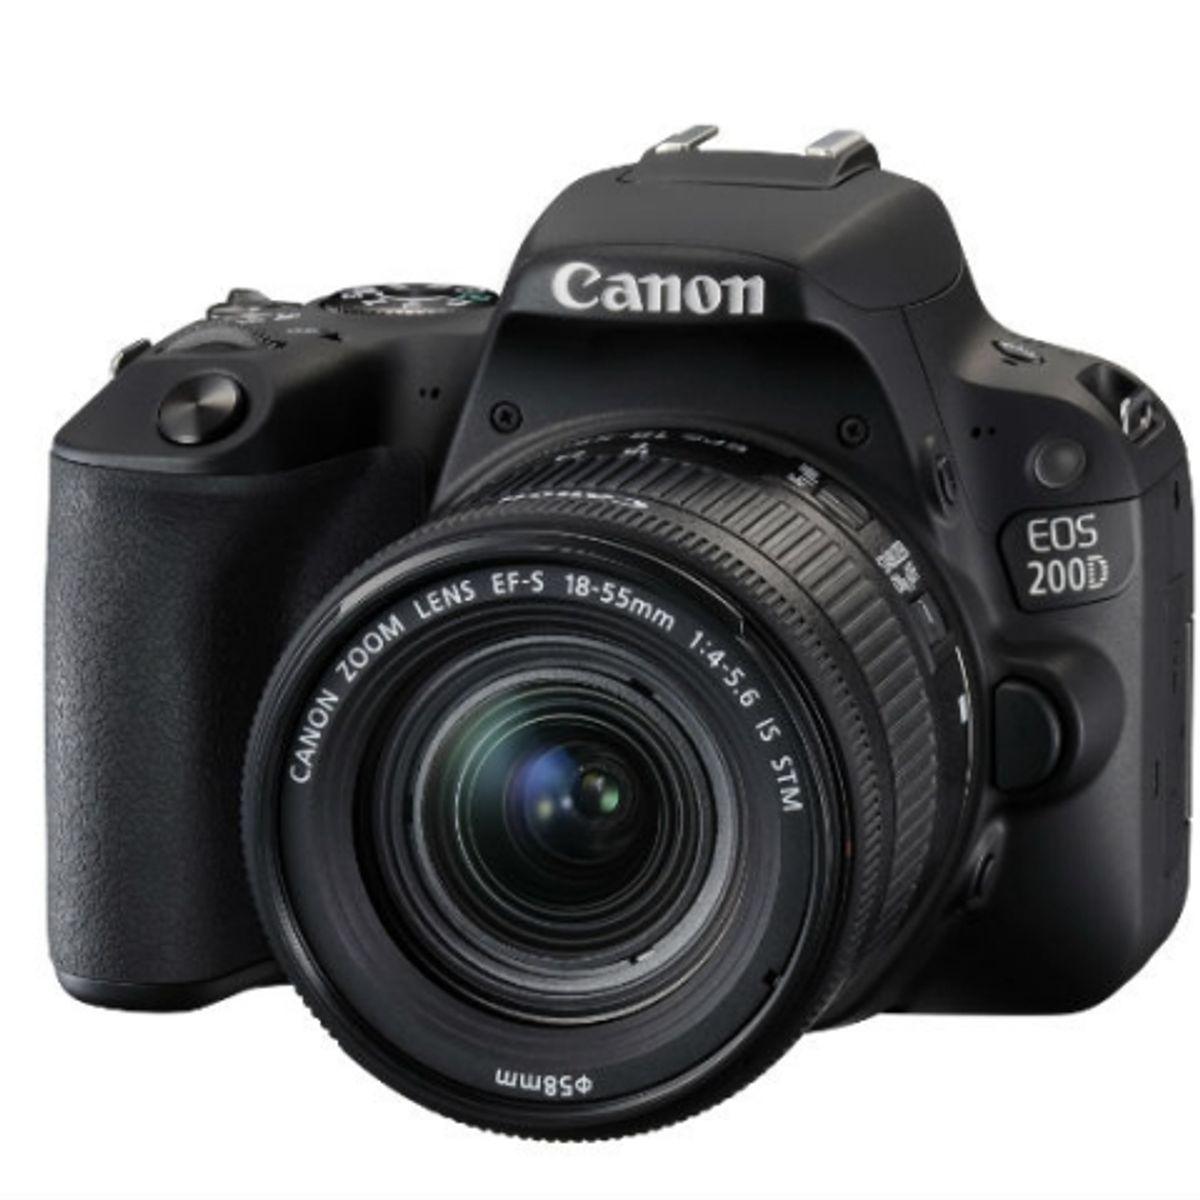 Canon EOS 200D DSLR with 24 2MP APS-C CMOS sensor launched